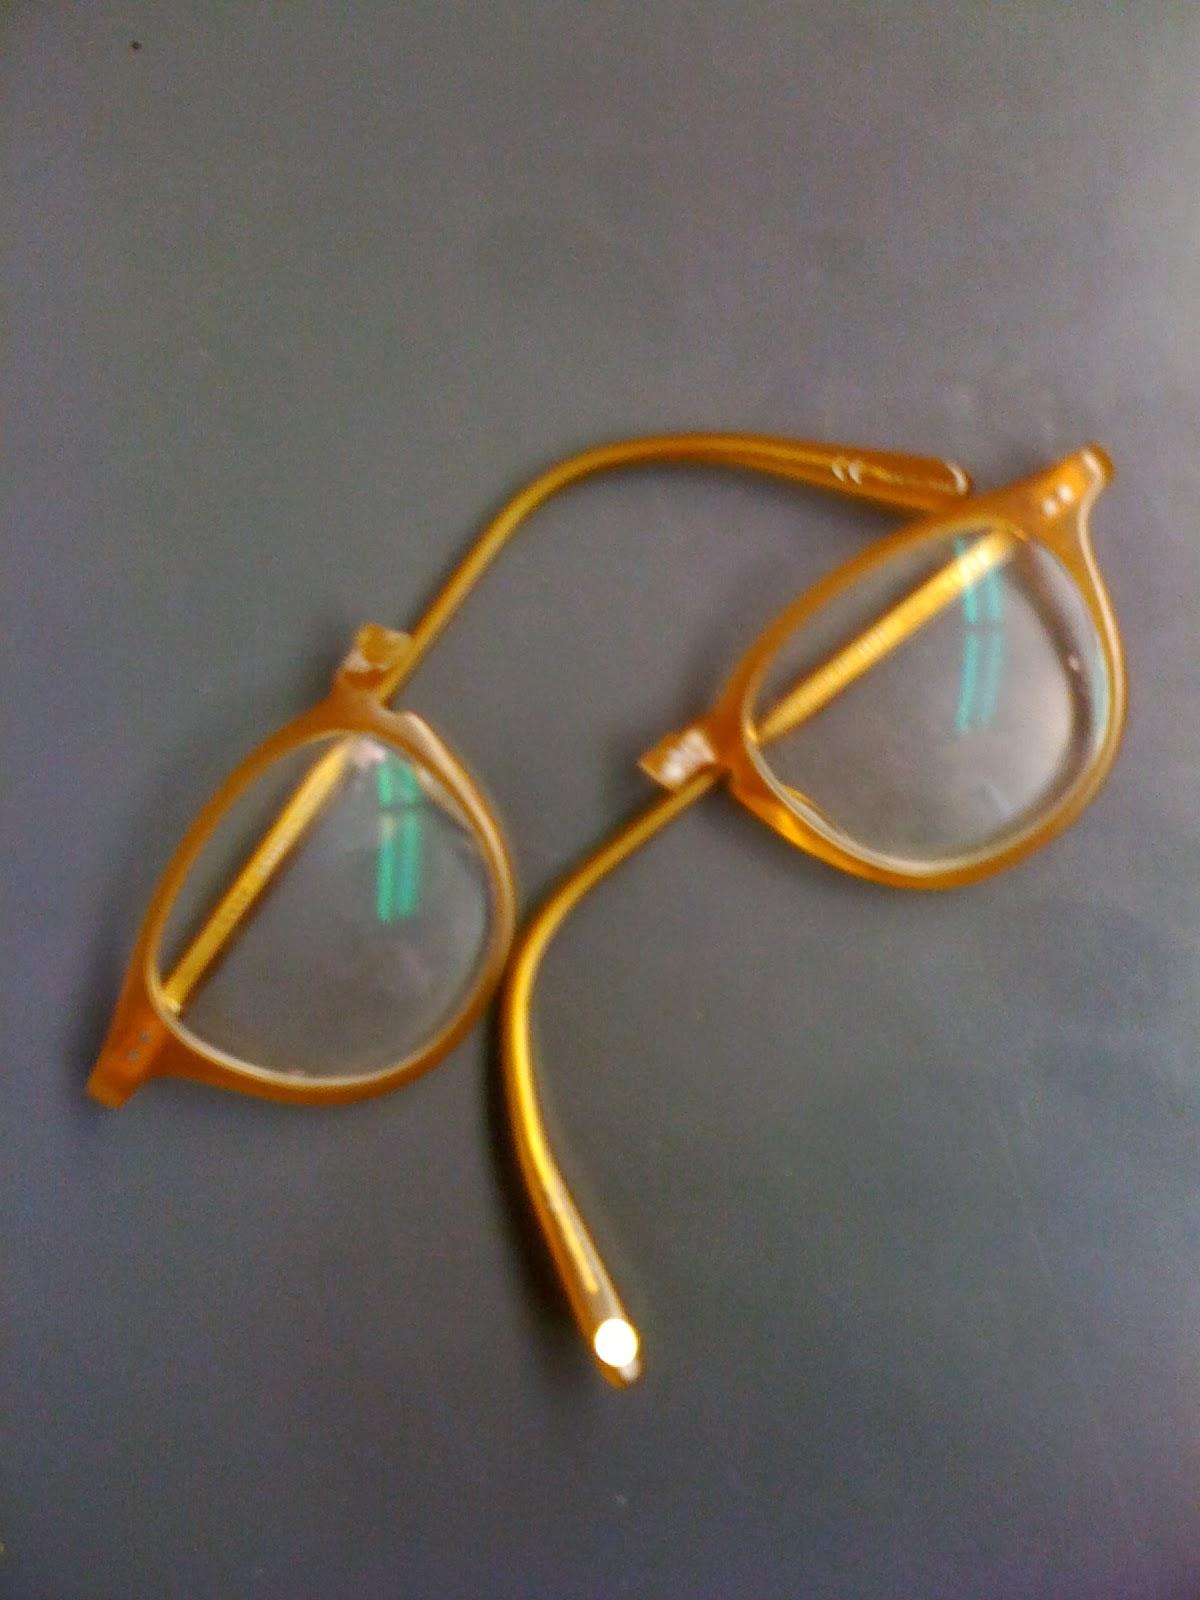 I Broke My Glasses Frame - Page 3 - Frame Design & Reviews ✓